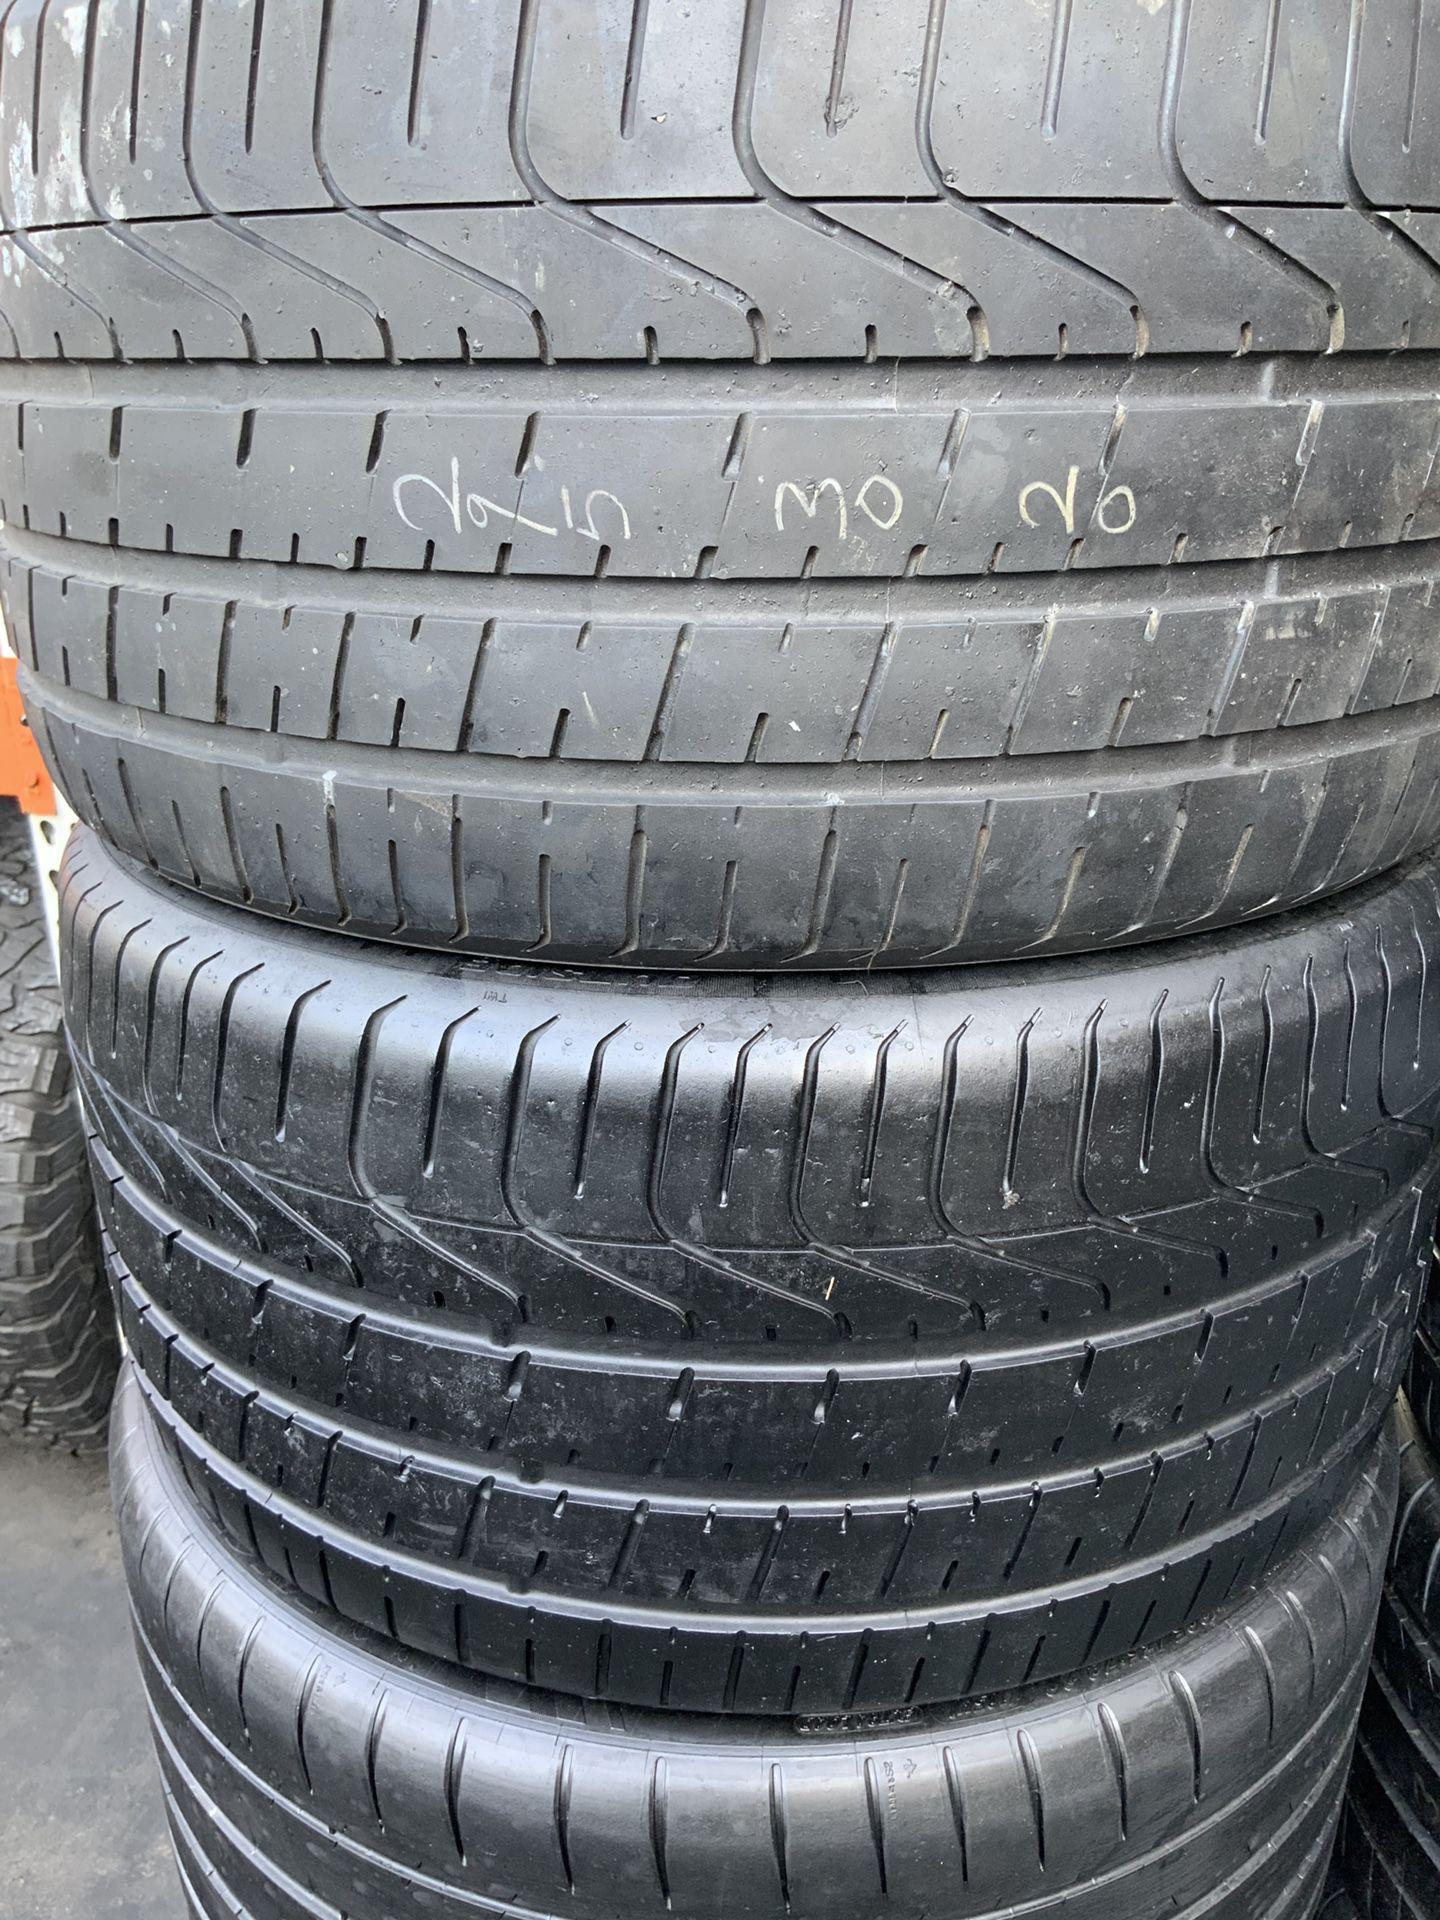 295 30 20. Pirelli tires